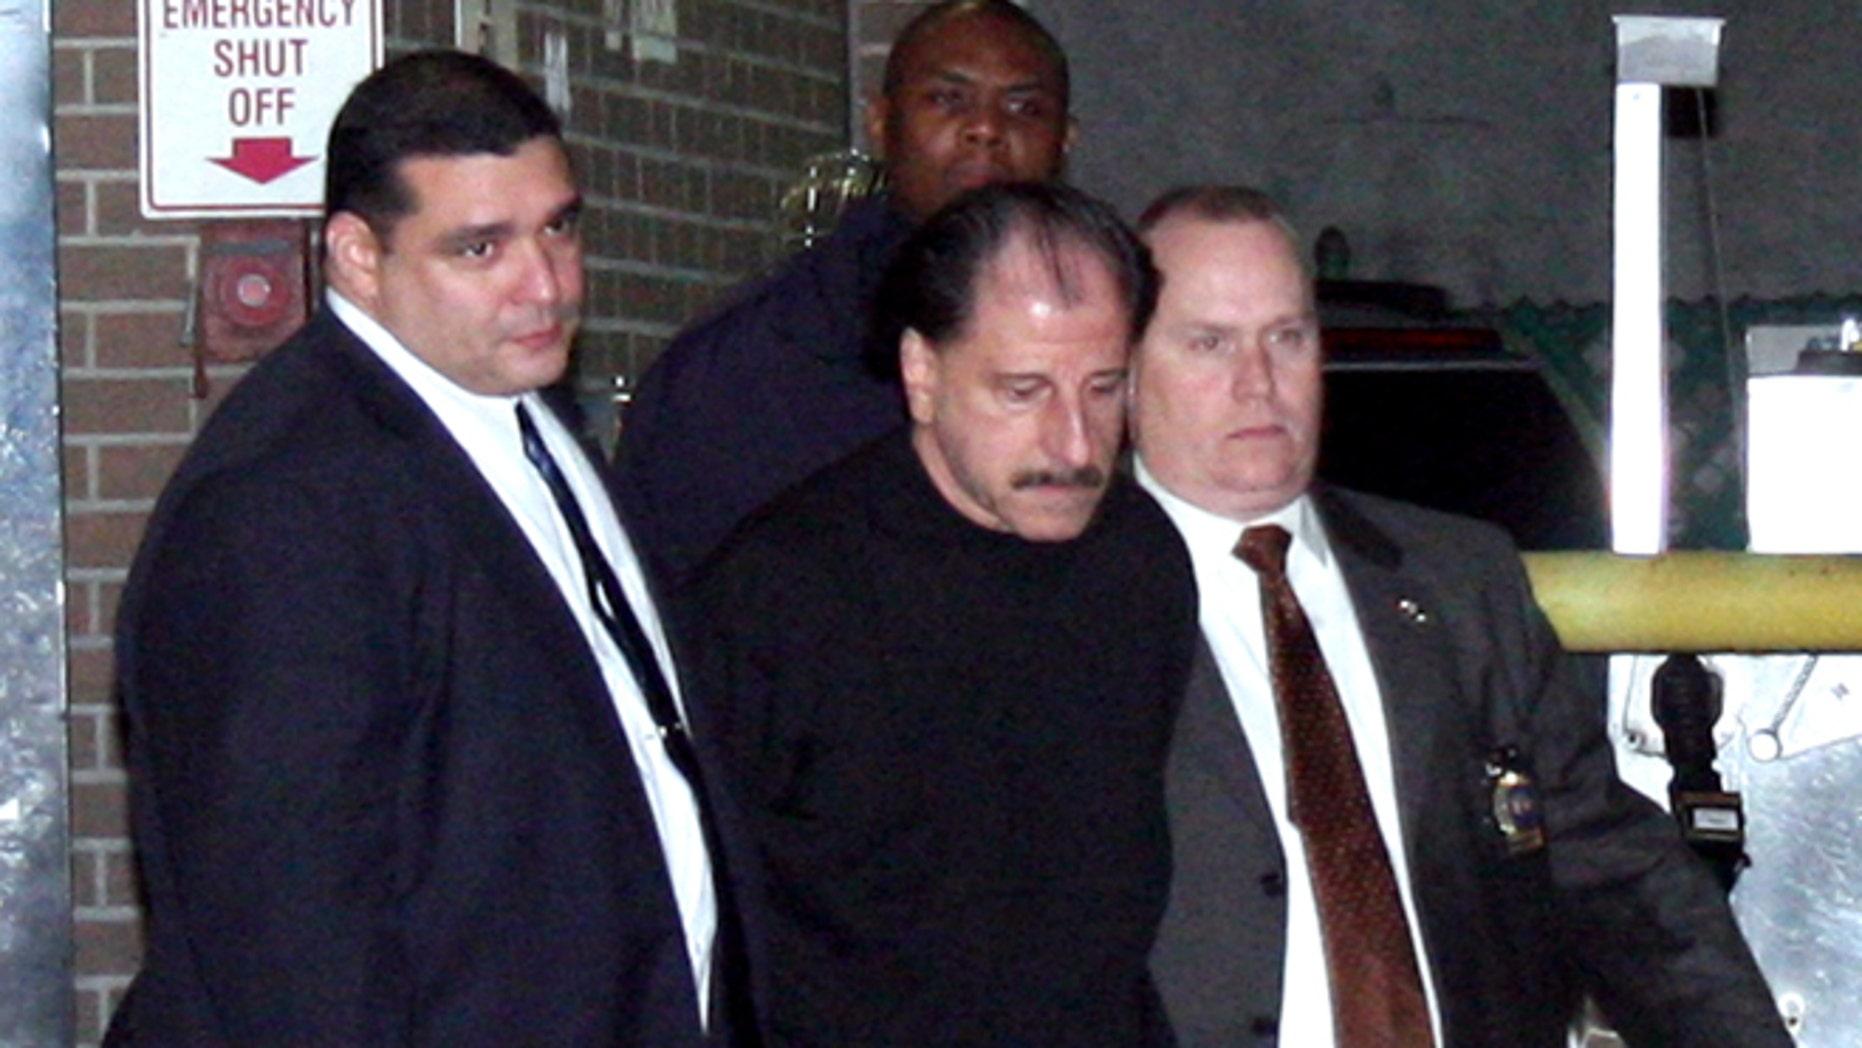 Nov. 21: Police escort Salvatore Perrone, center, from the 67th Precinct.